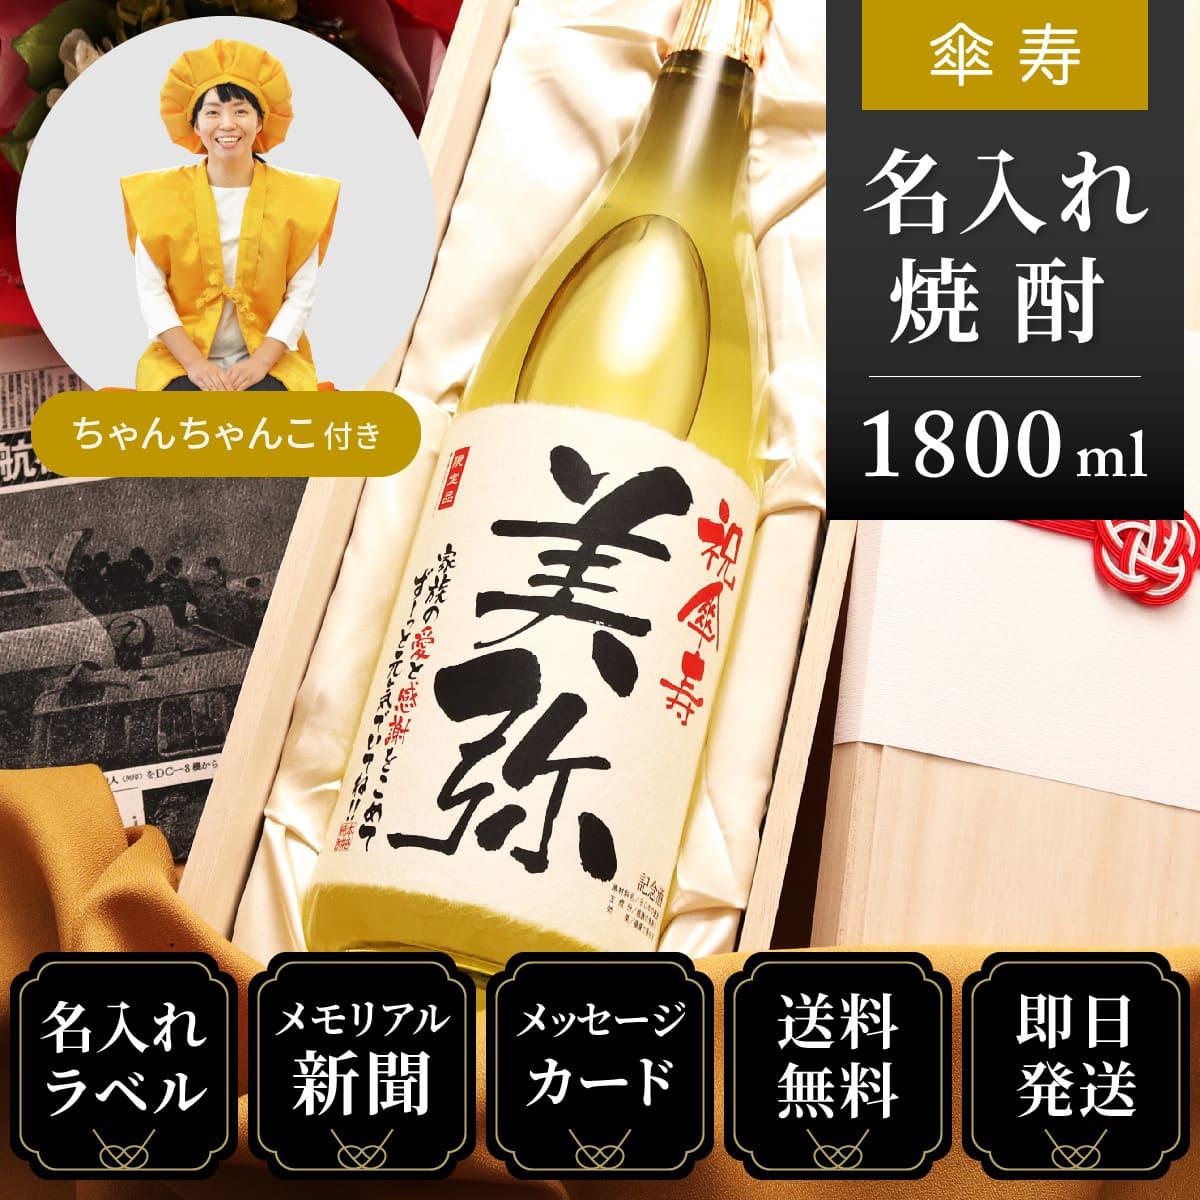 ちゃんちゃんこセット 傘寿のプレゼント「華乃萌黄」父親向け贈り物(酒粕焼酎)